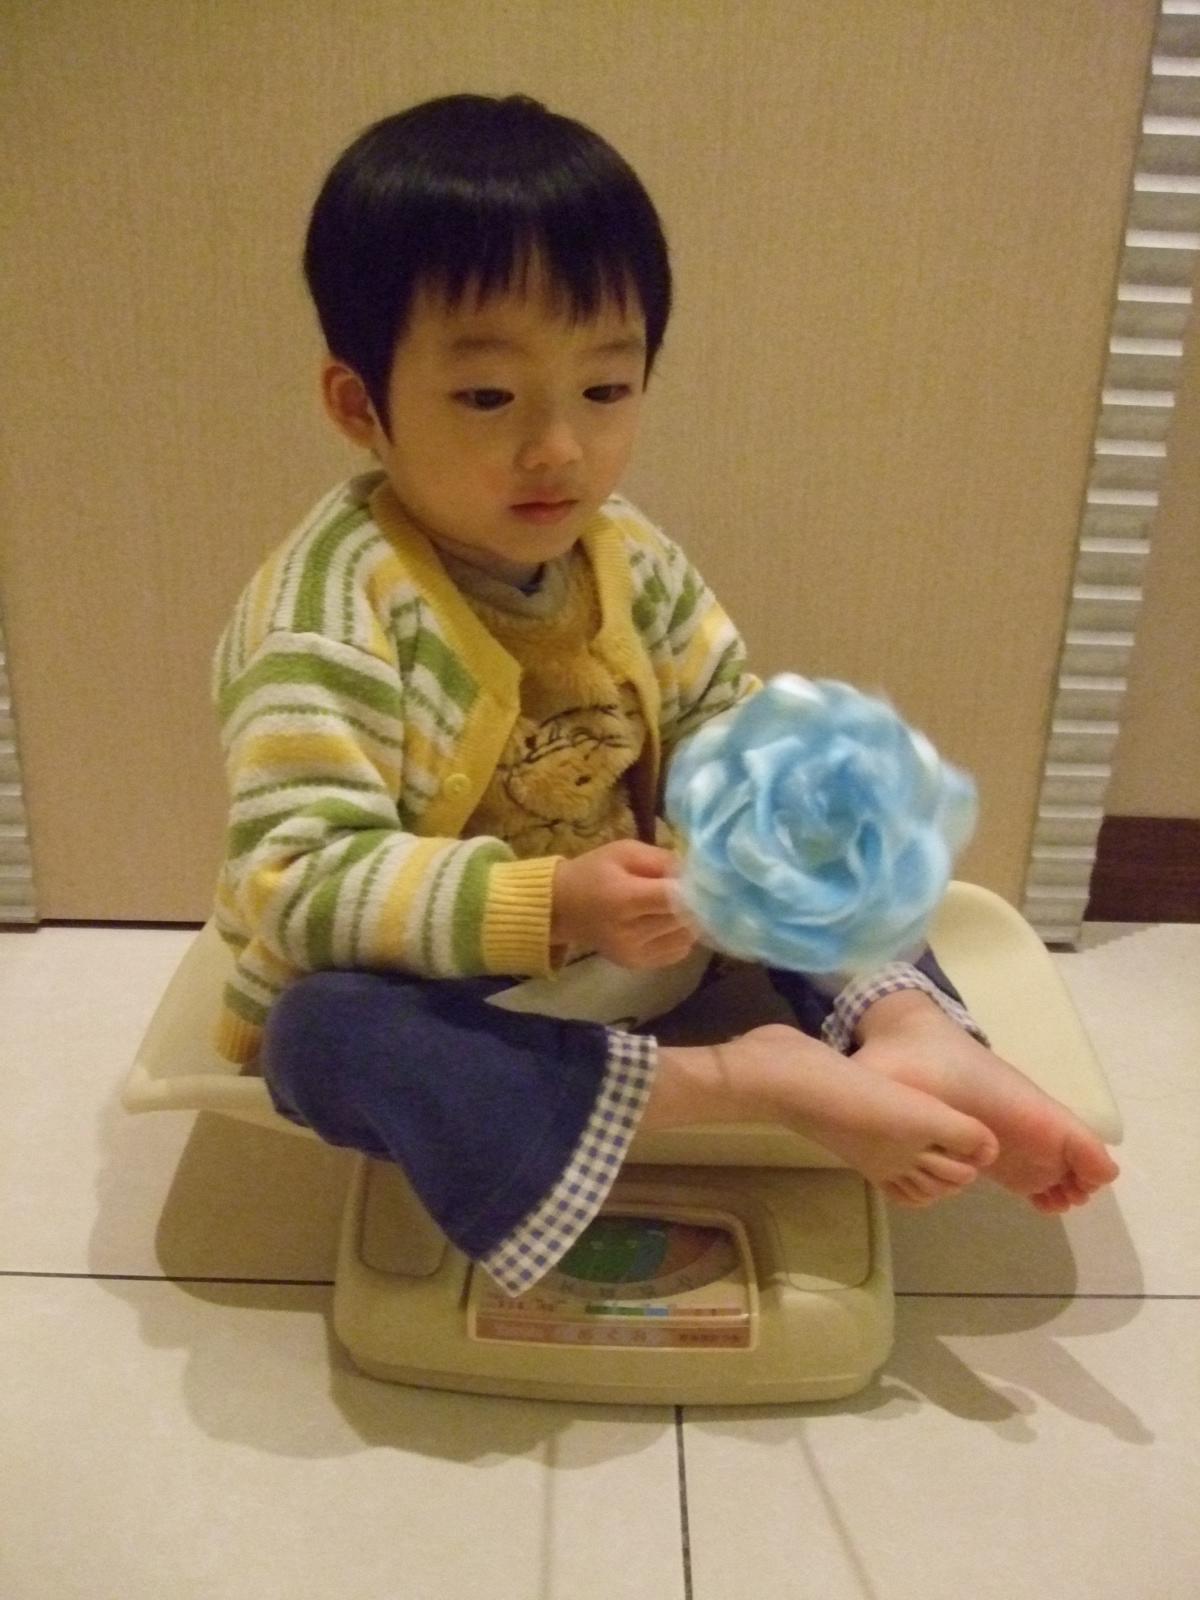 2010年3月12日三歲三個月13公斤 | 轉眼老去